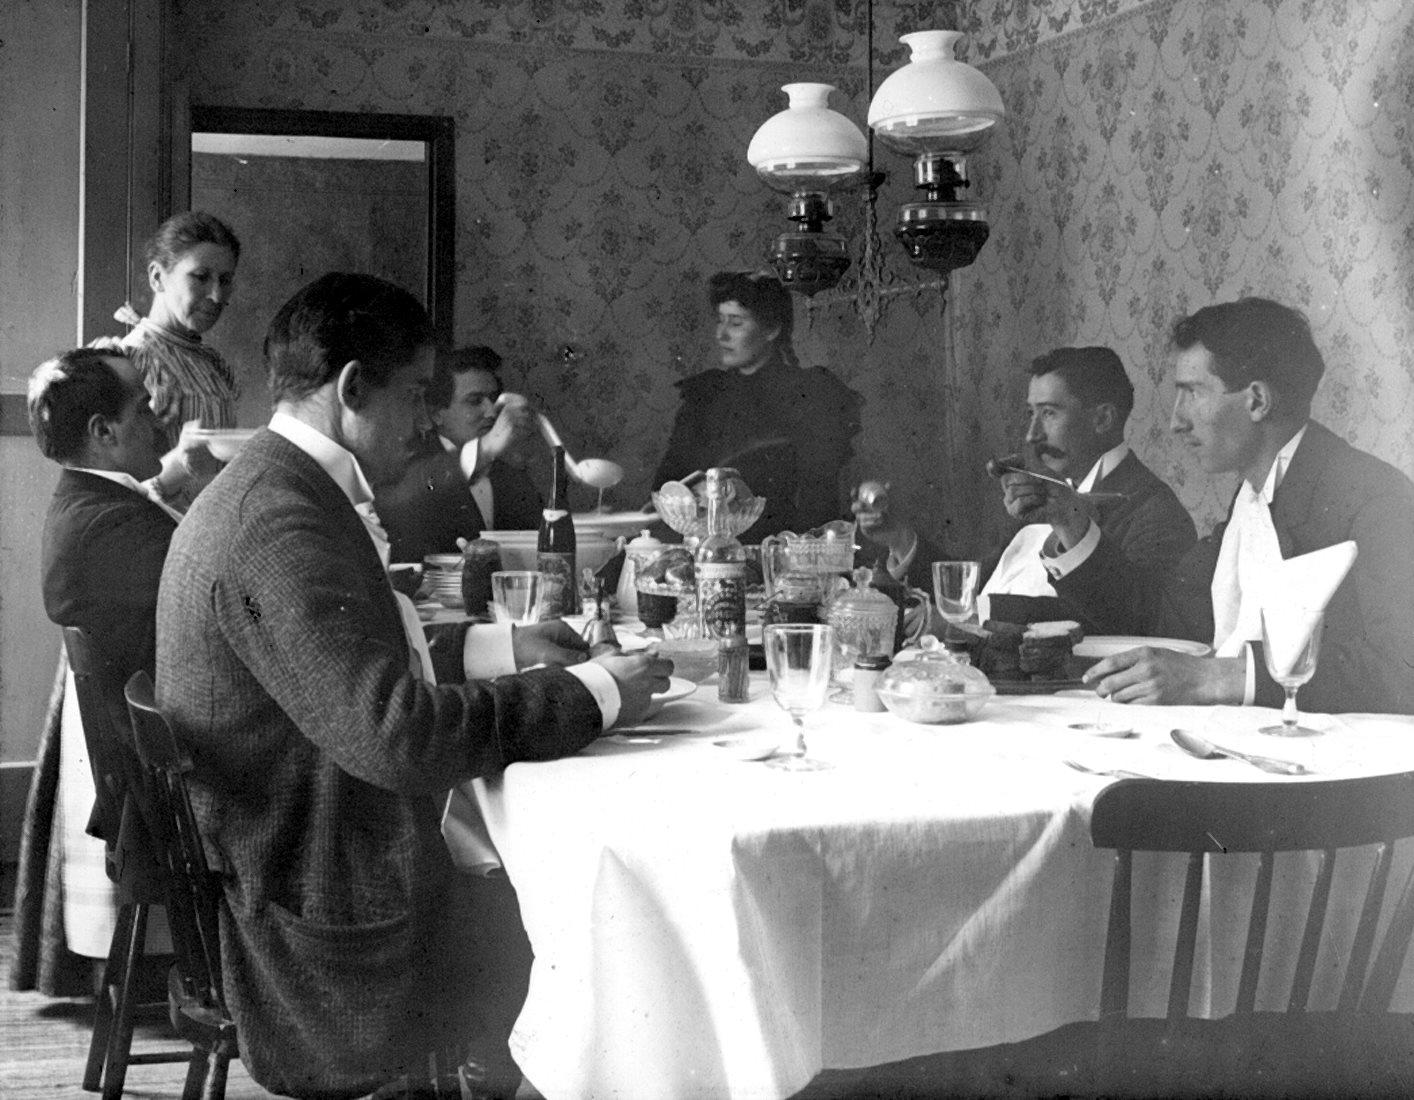 Un groupe est attablé à une table bien garnie, alors qu'une femme fait le service.